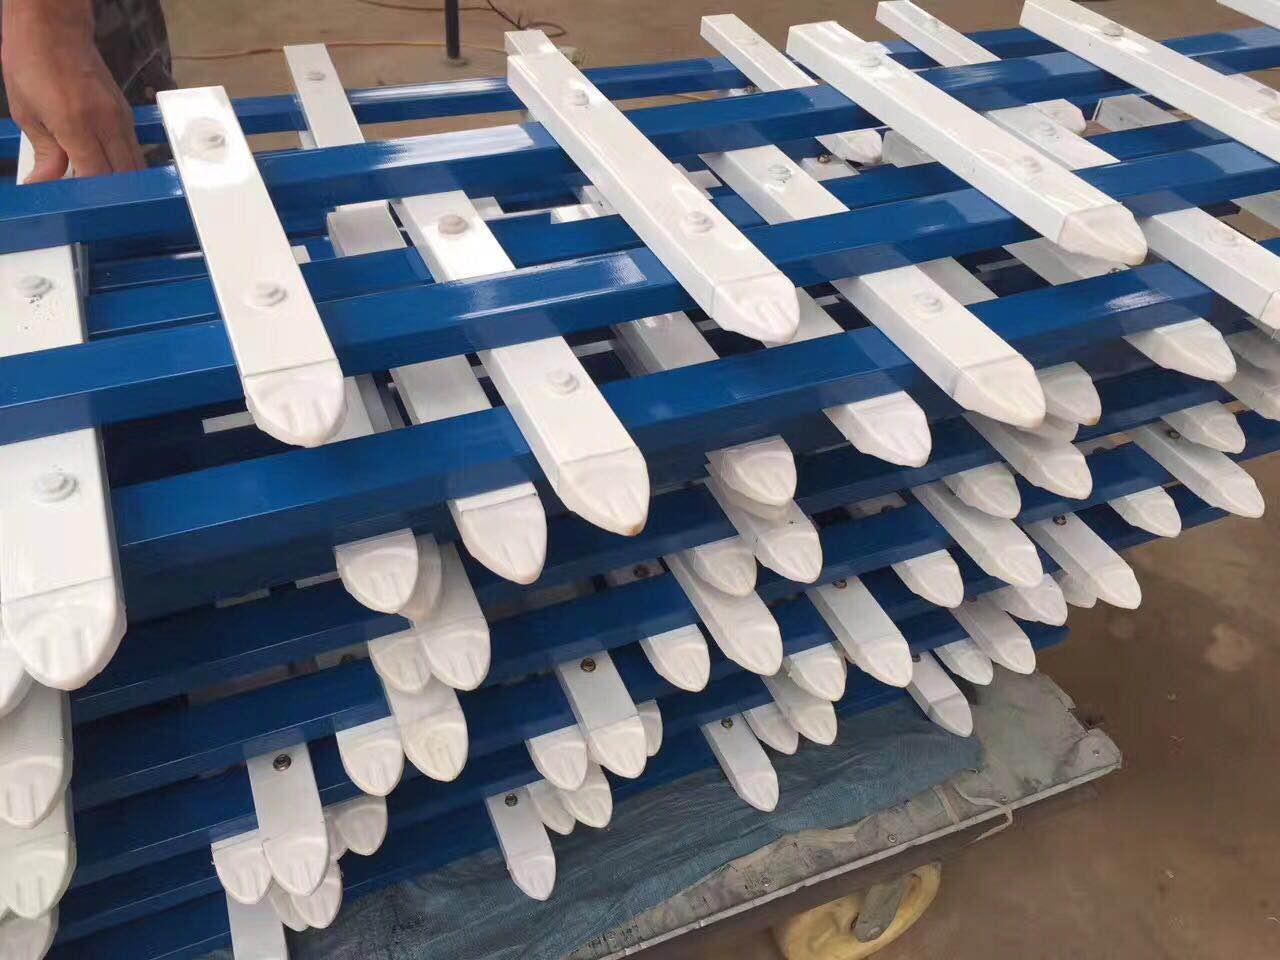 厂家直销锌钢护栏百叶窗——寻求代理合作伙伴